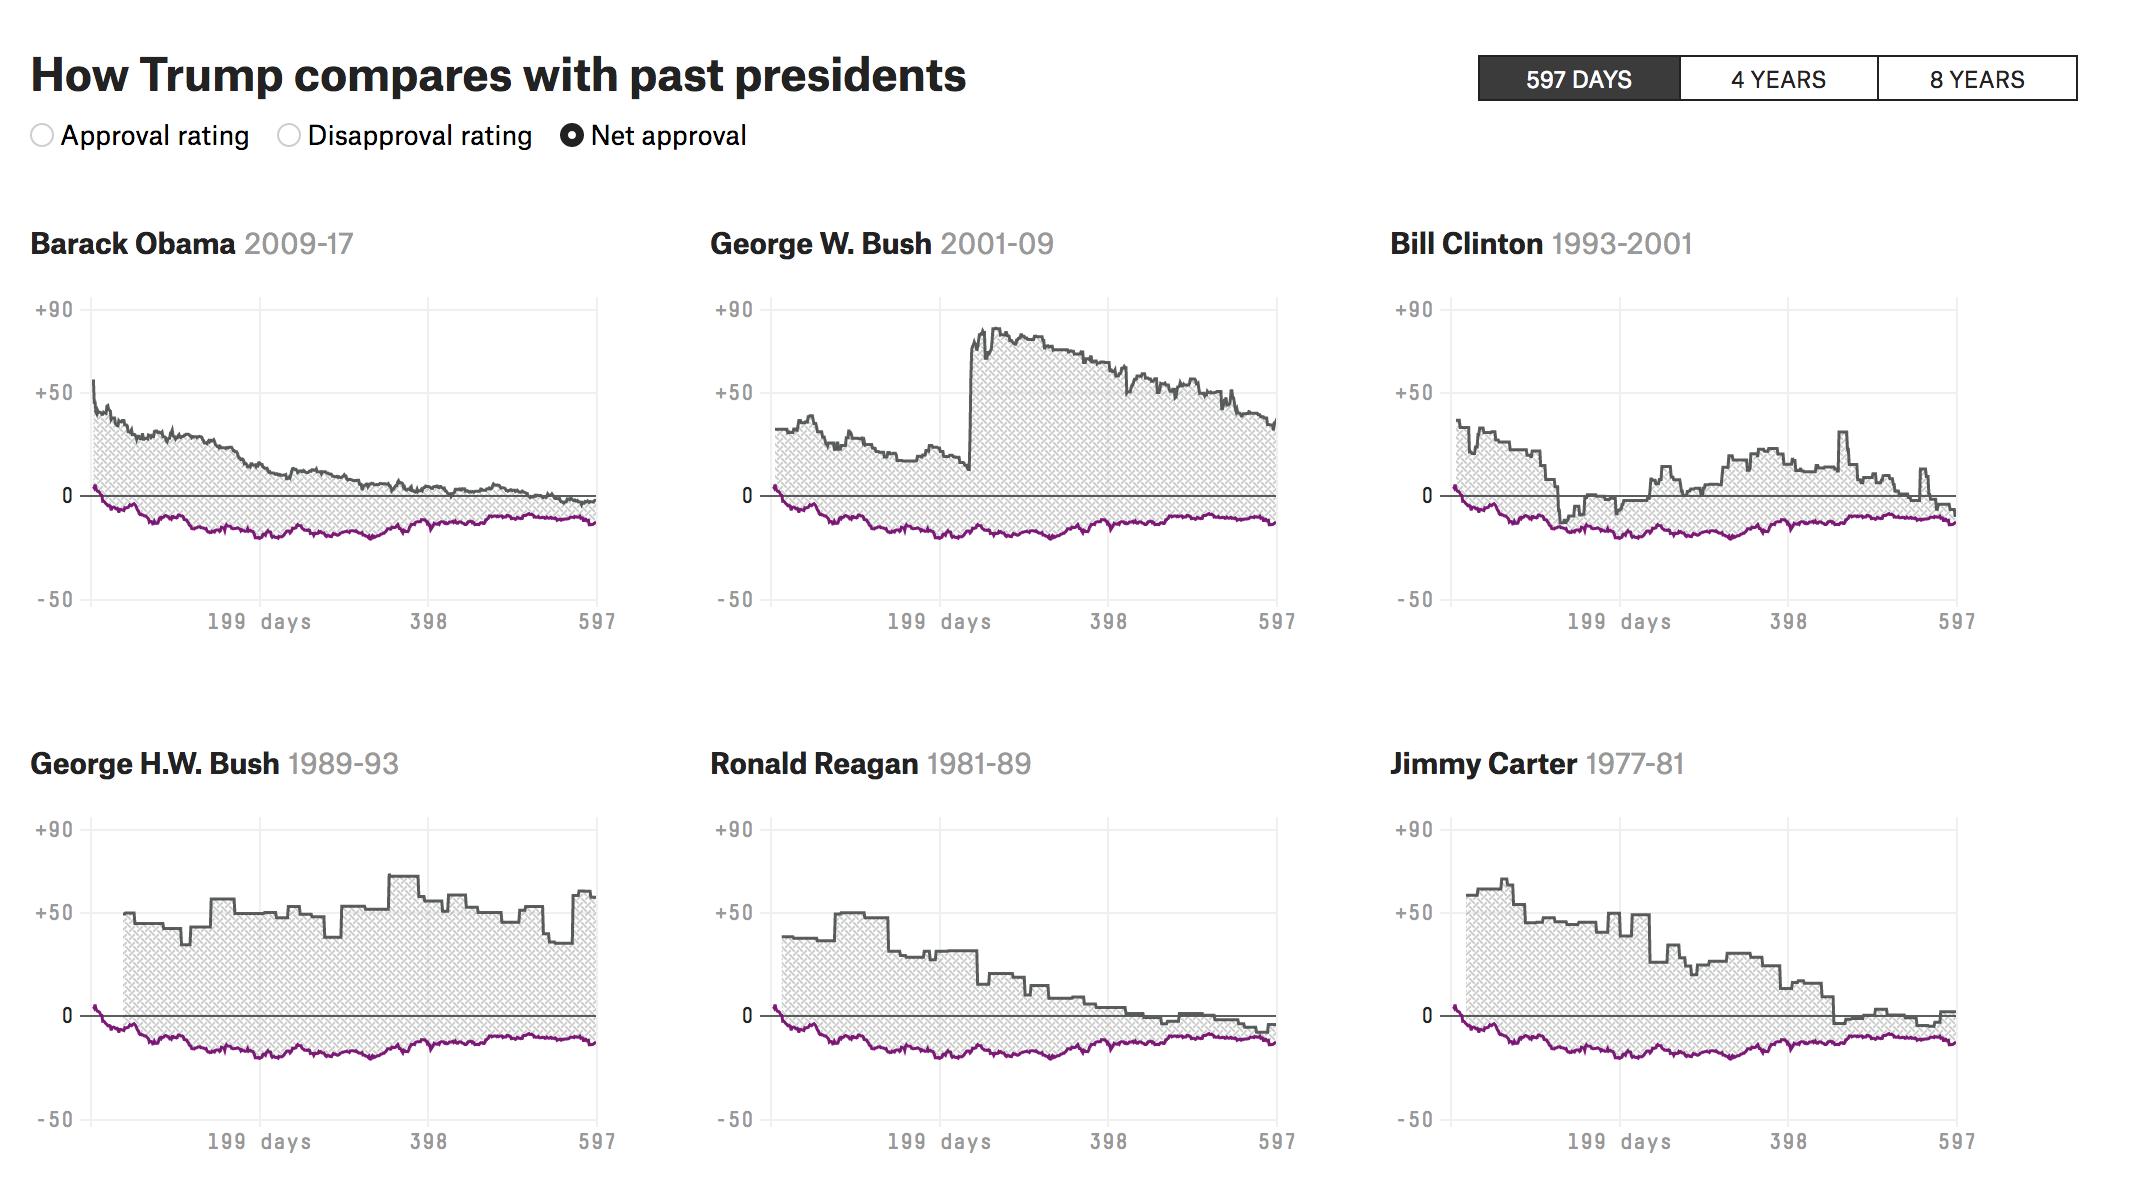 Popularité : Trump à 600 jours au même niveau que Reagan, Clinton, Obama et Carter à 600 jours